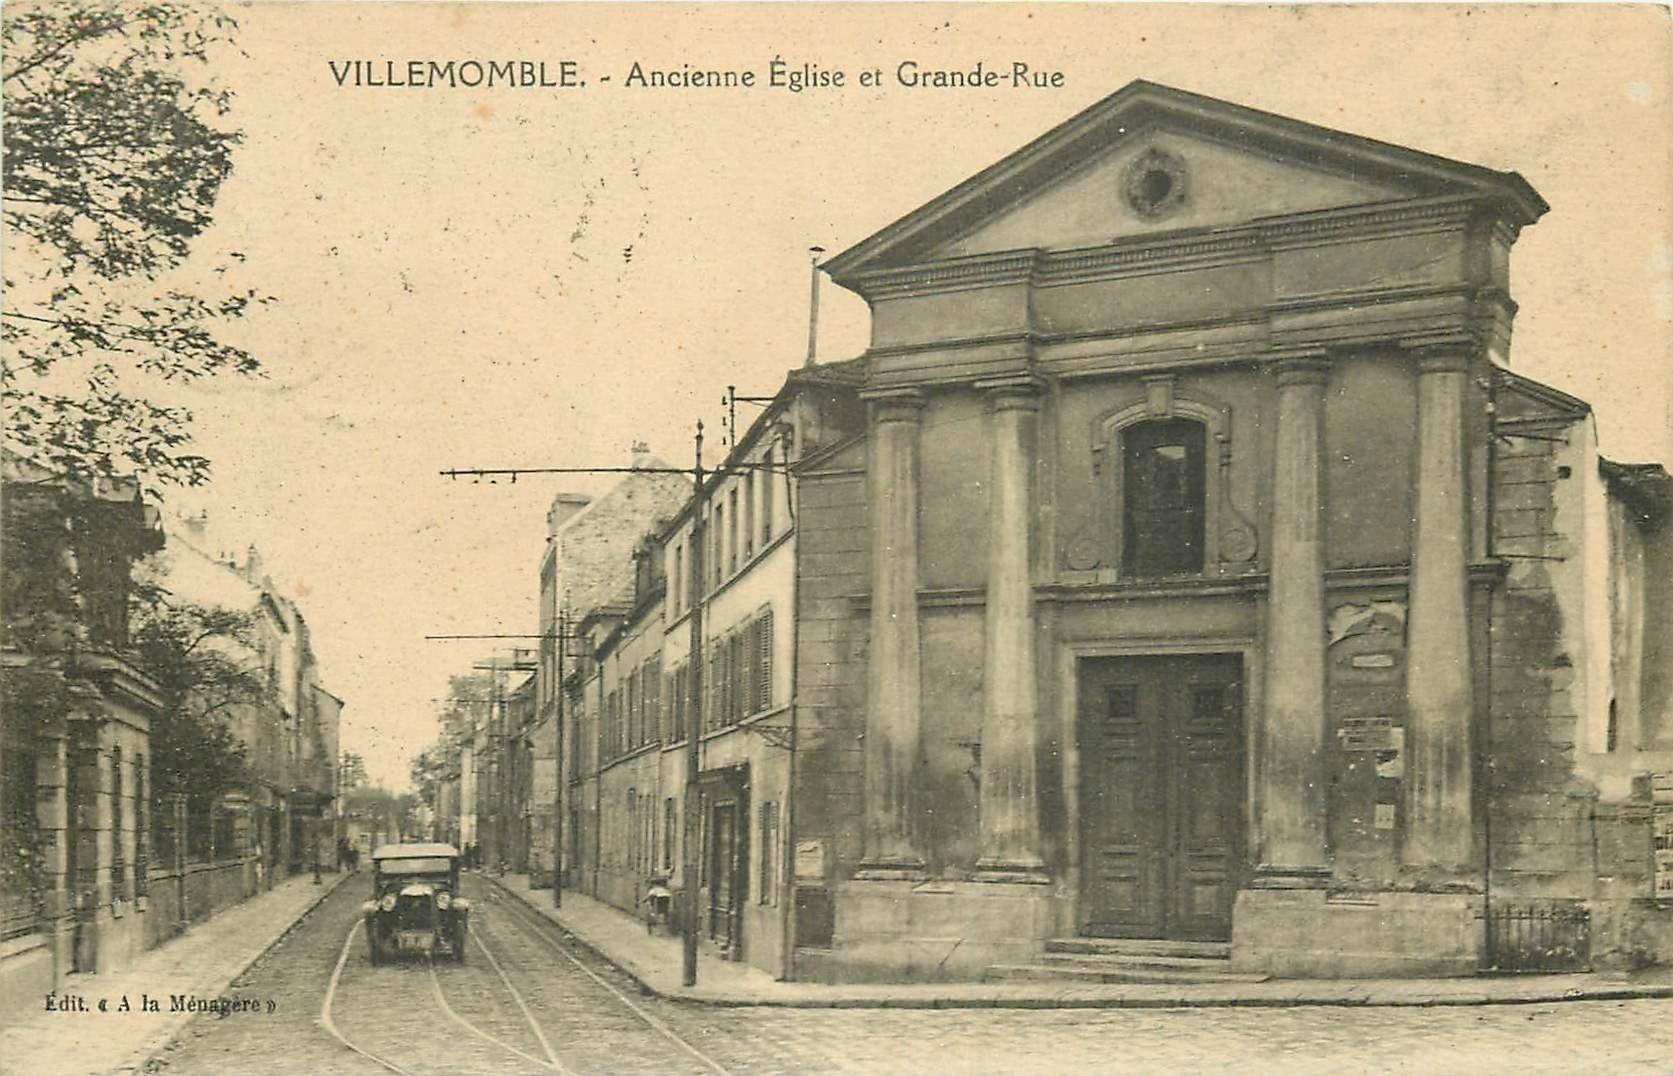 93 VILLEMOMBLE. Ancienne Eglise sur Grande-Rue 1923